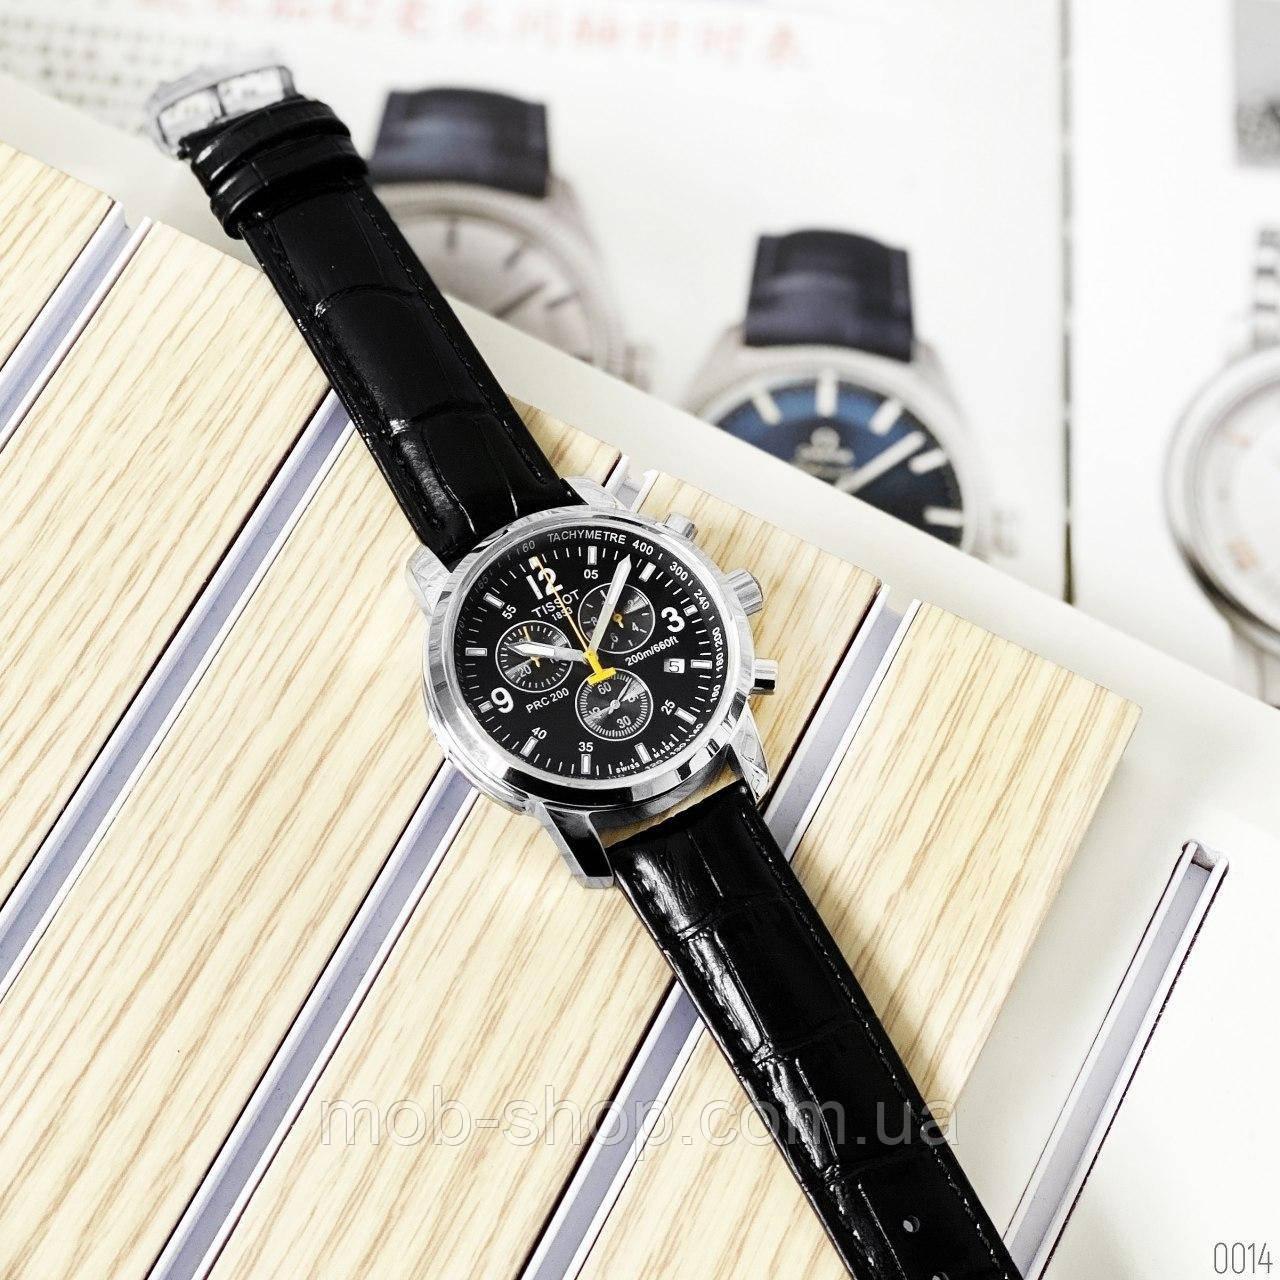 Мужские наручные часы Tissot T-Sport PRC 200 Chronograph Black-Silver-Black-Yellow